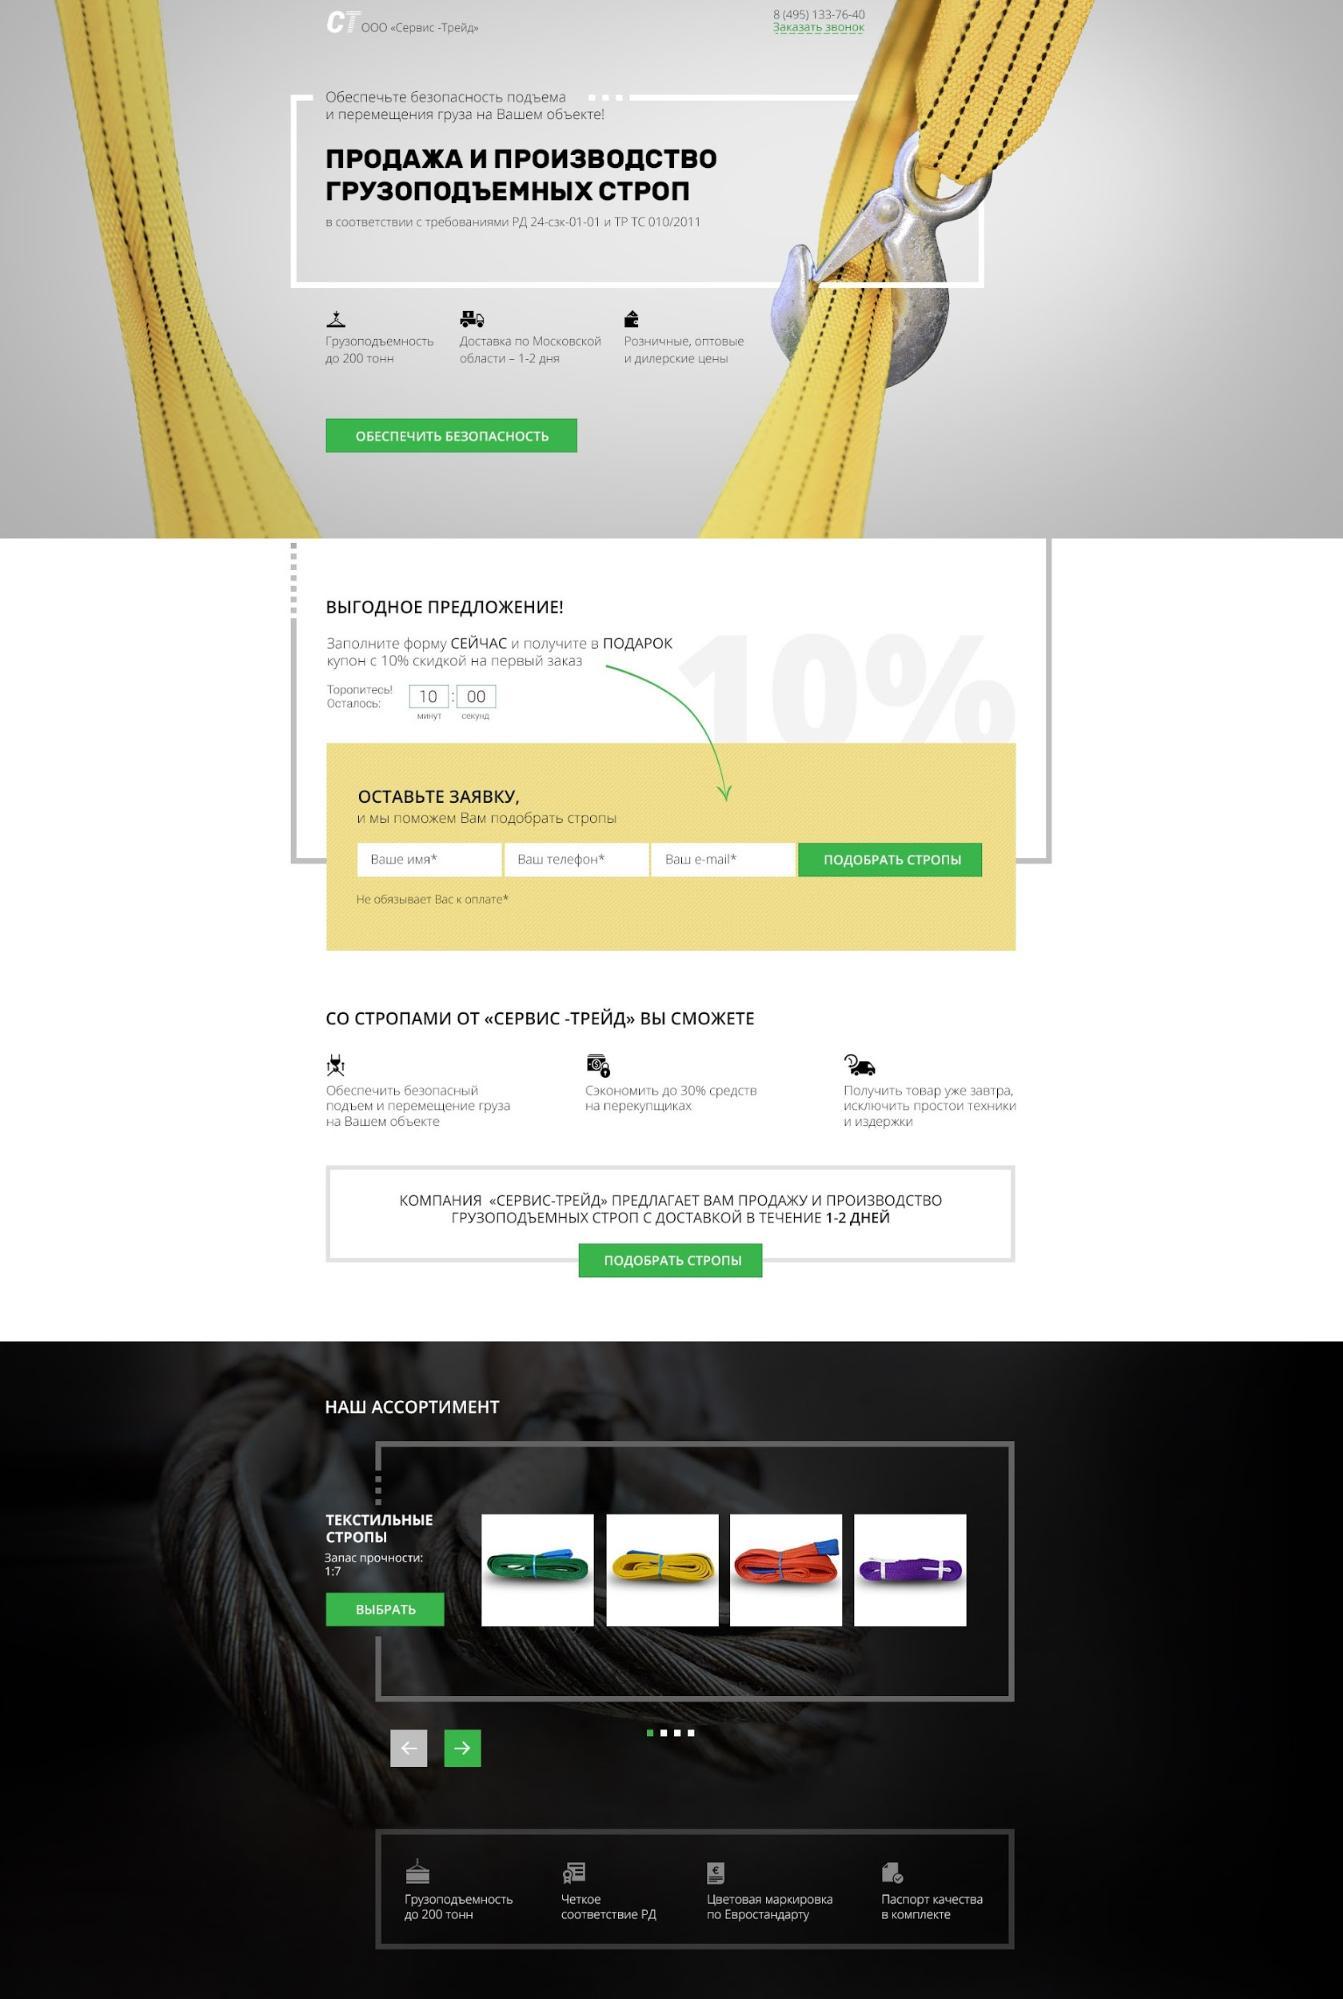 Продажа и производство грузоподъемных строп